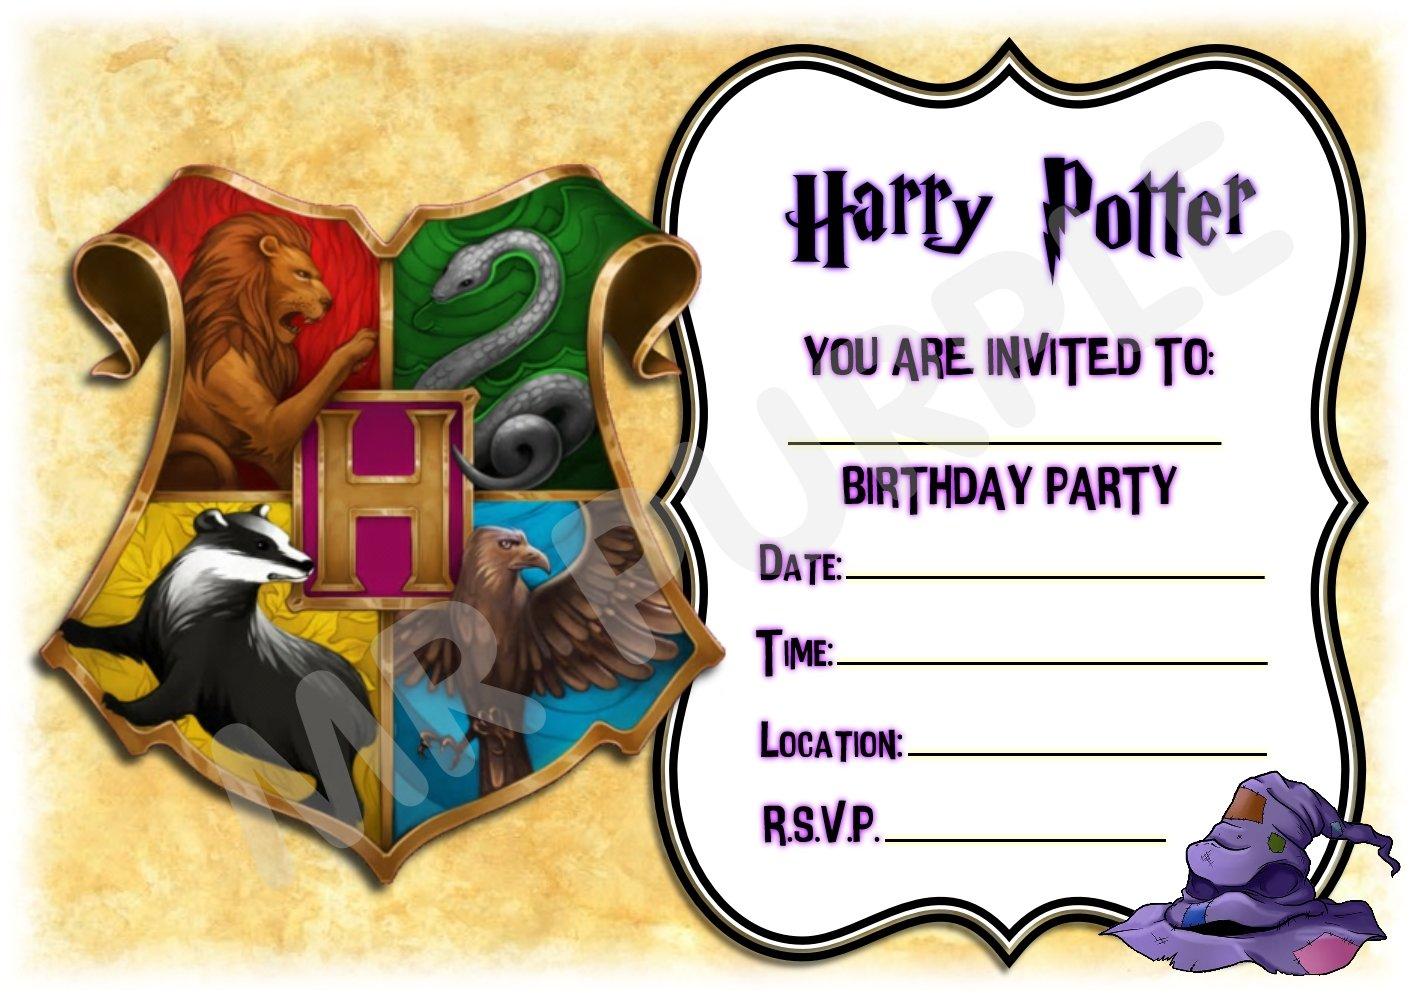 Inviti per feste di compleanno a motivo Harry Potter con stemma colorato di Hogwarts,/set da 12/inviti in formato A5 WITH Envelopes